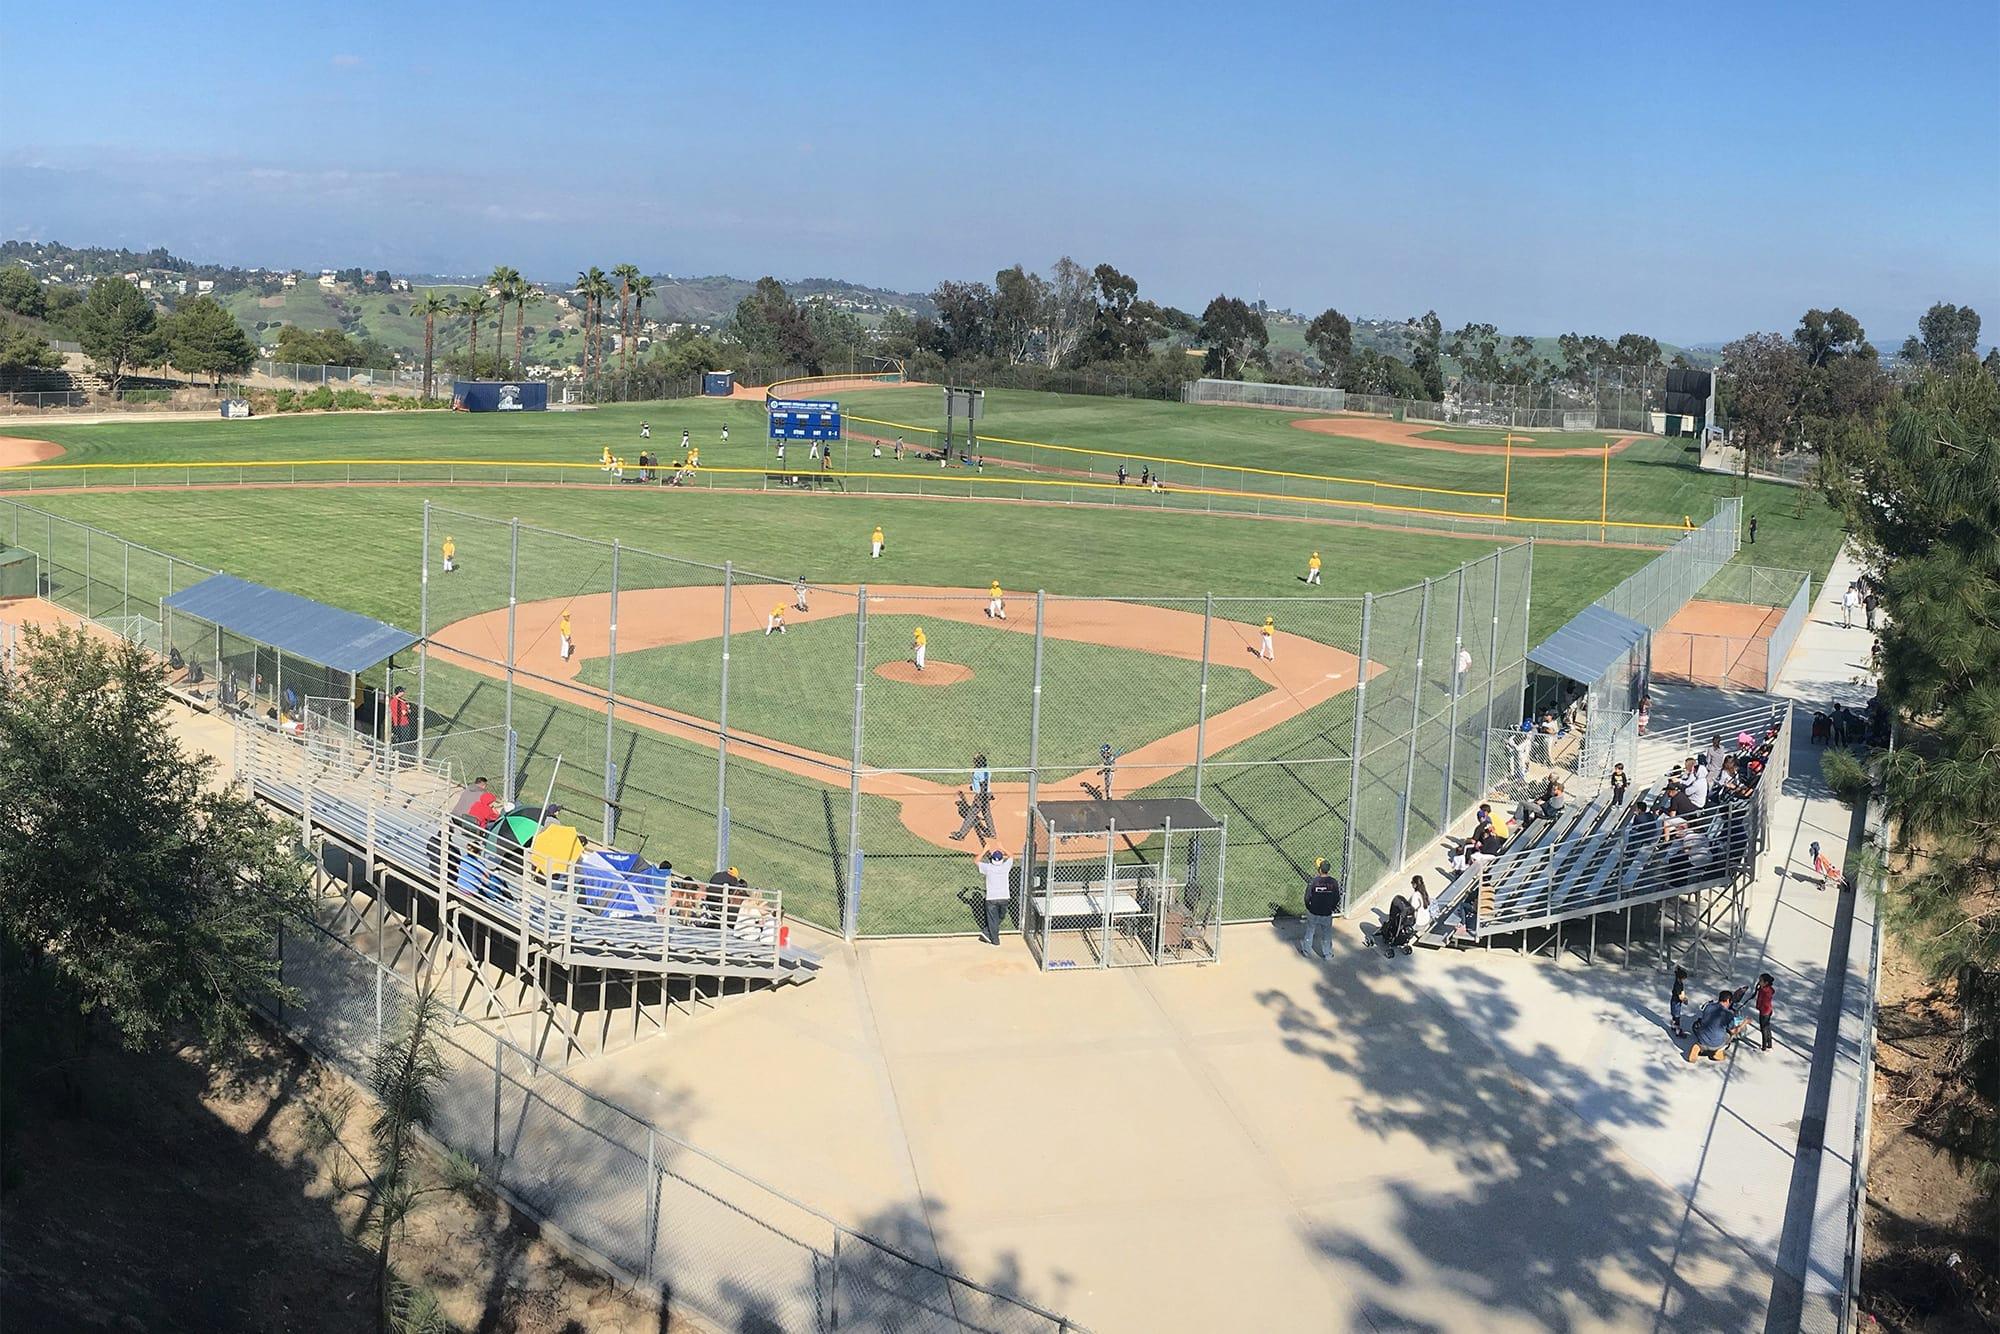 Northeast Los Angeles (Calif.) Little League